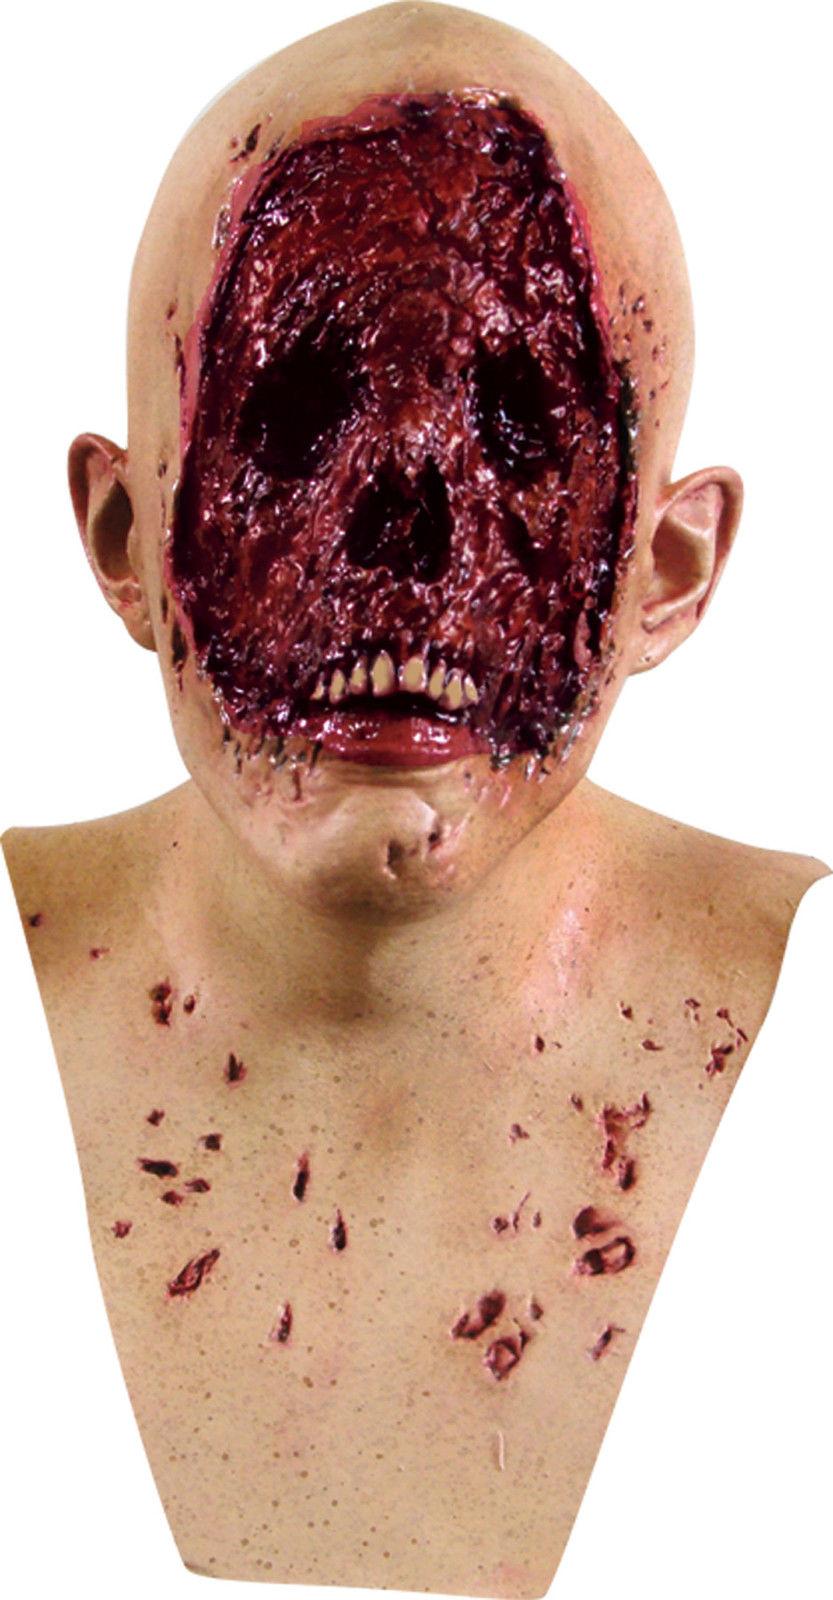 コスプレハロウィンの怖いマスクを買ってきました。顔がありません。